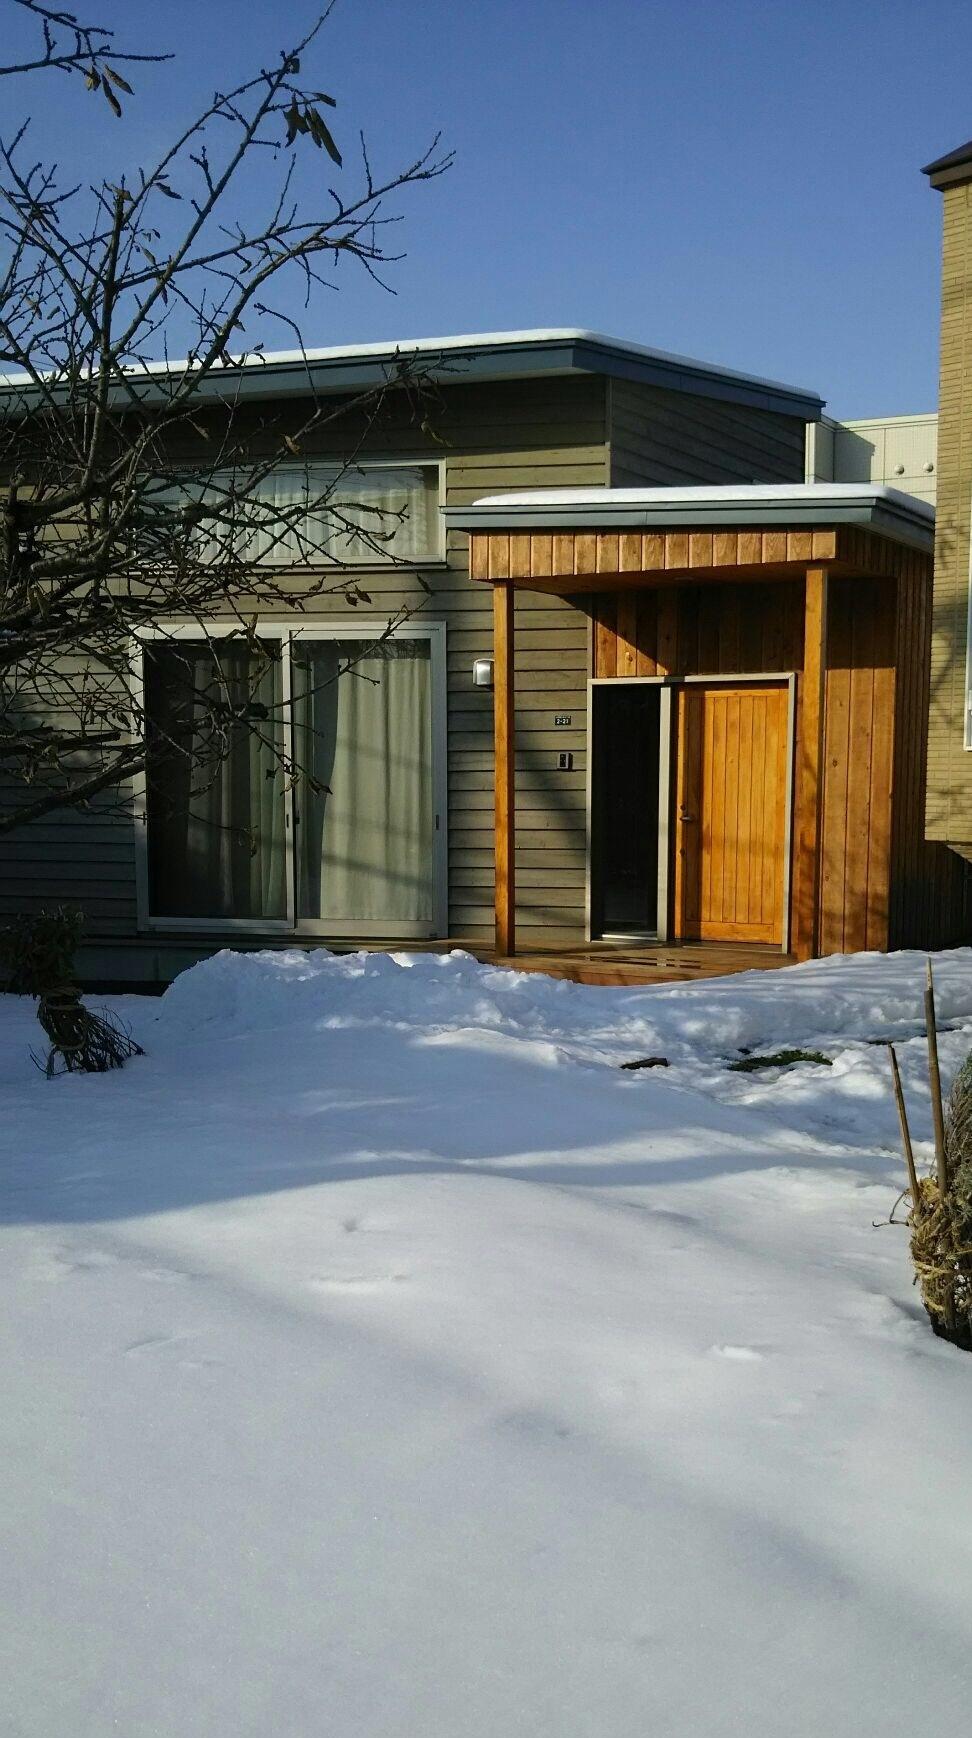 11月の雪景色_e0132960_22522097.jpg